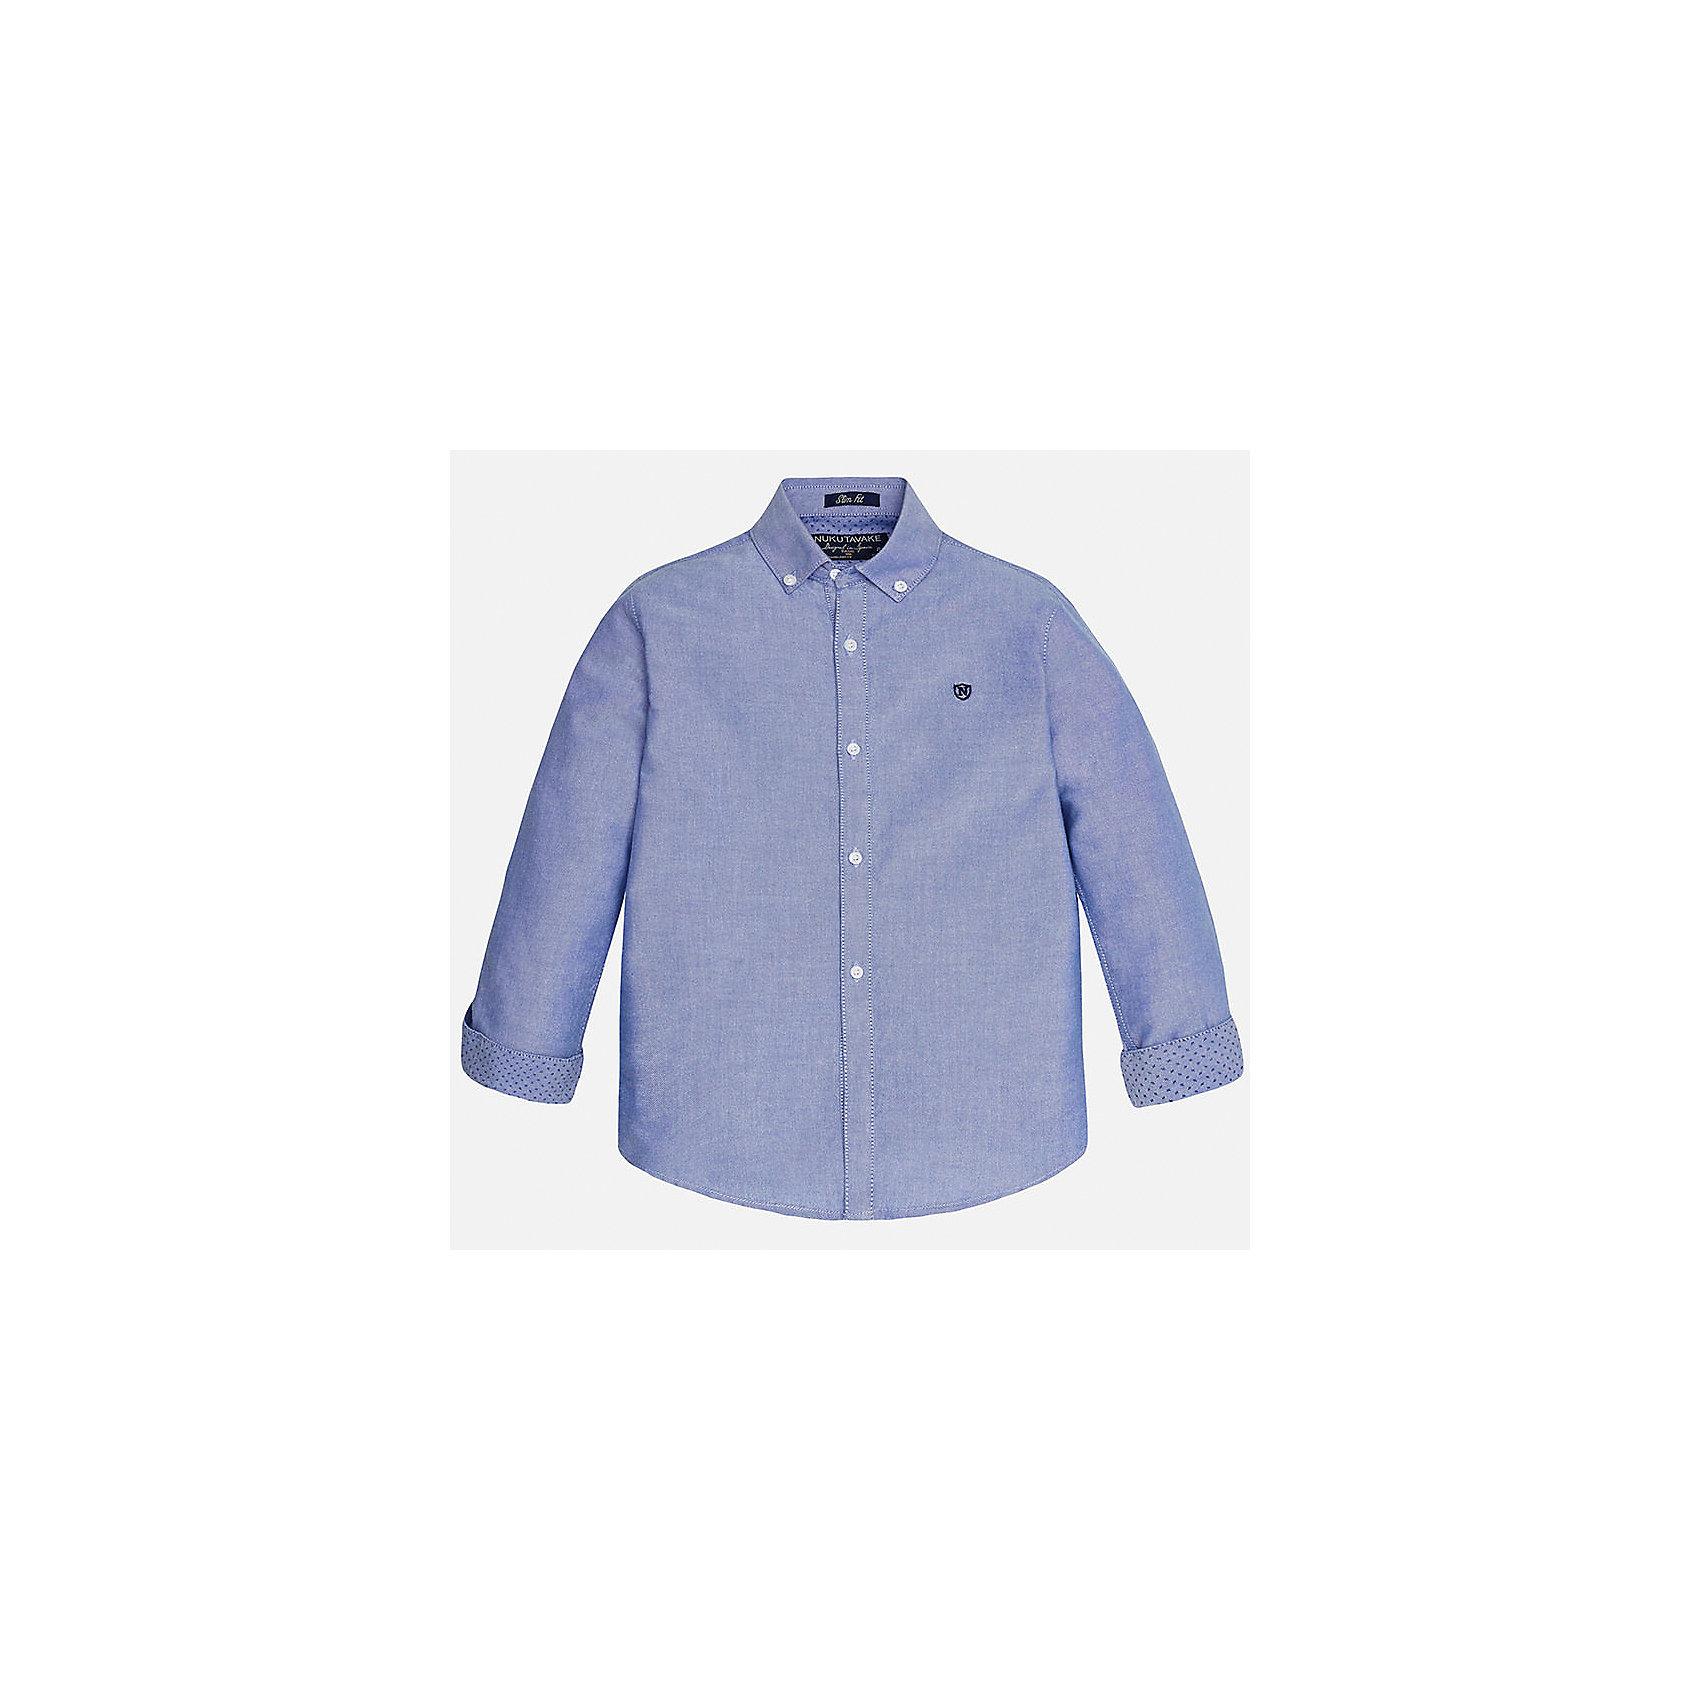 Рубашка для мальчика MayoralРубашка для мальчика из коллекции осень-зима 2016-2017 известного испанского бренда Mayoral (Майорал). Стильная и удобная рубашка на каждый день. Приятный светло-синий цвет рубашки прекрасно сочетается с синими крапинками на подвороте рукавов. Рубашка застегивается на пуговицы и отлично подойдет как к брюкам, так и к джинсам кроме того, ее можно носить поверх футболки.<br><br>Дополнительная информация:<br><br>- Рукав: длинный<br>- Силуэт: слим-фит<br>Состав: 100% хлопок<br><br>Рубашку для мальчиков Mayoral (Майорал) можно купить в нашем интернет-магазине.<br><br>Подробнее:<br>• Для детей в возрасте: от 10 до 14 лет<br>• Номер товара: 4827233<br>Страна производитель: Бангладеш<br><br>Ширина мм: 174<br>Глубина мм: 10<br>Высота мм: 169<br>Вес г: 157<br>Цвет: голубой<br>Возраст от месяцев: 168<br>Возраст до месяцев: 180<br>Пол: Мужской<br>Возраст: Детский<br>Размер: 164/170,158/164,158/164,146/152,128/134,140/146<br>SKU: 4827232